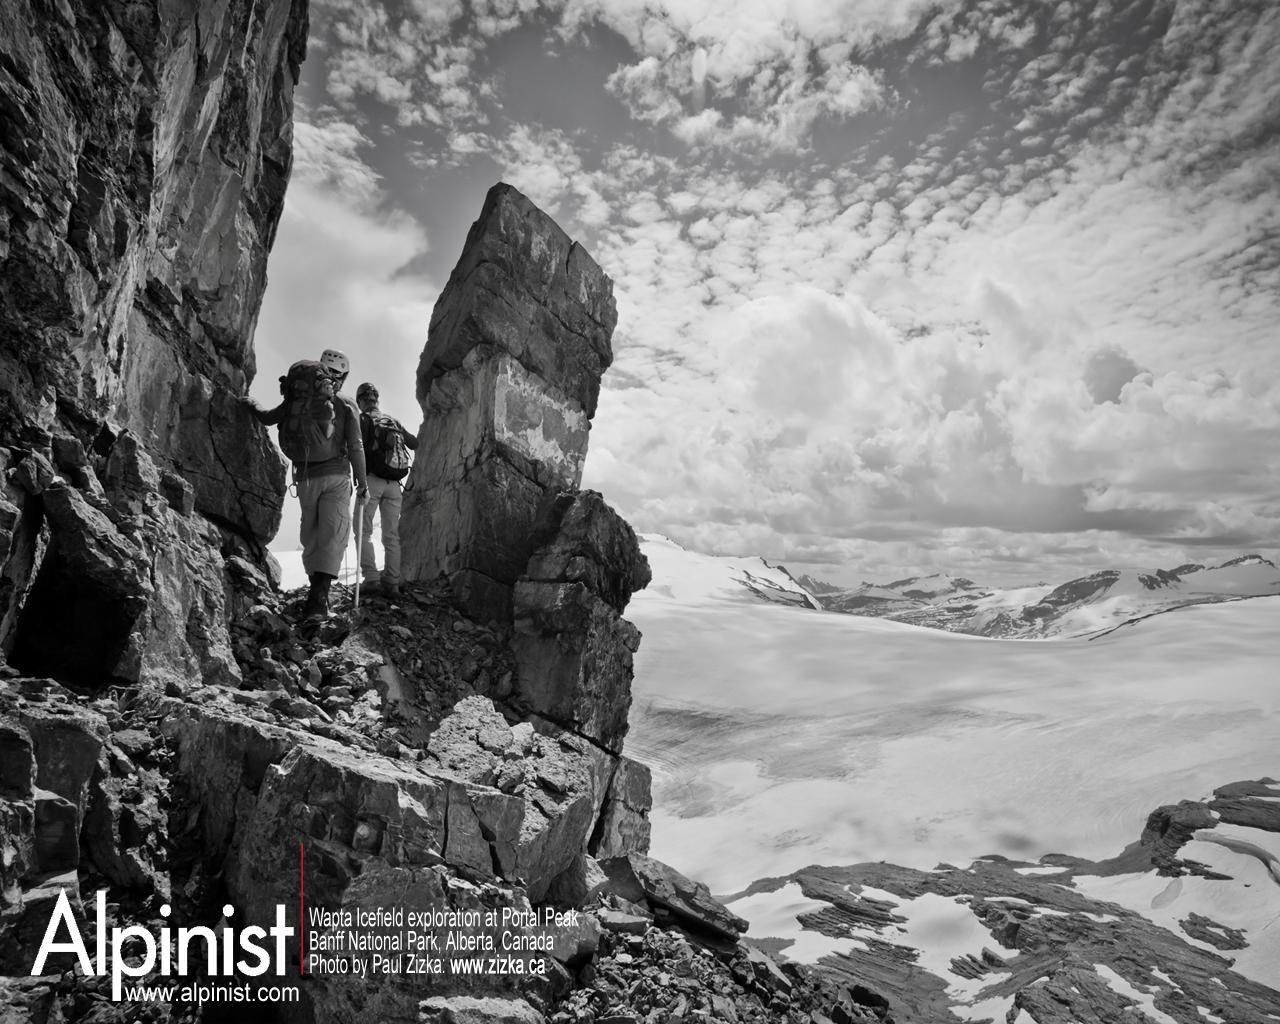 Wallpaper Archive Alpinist Com